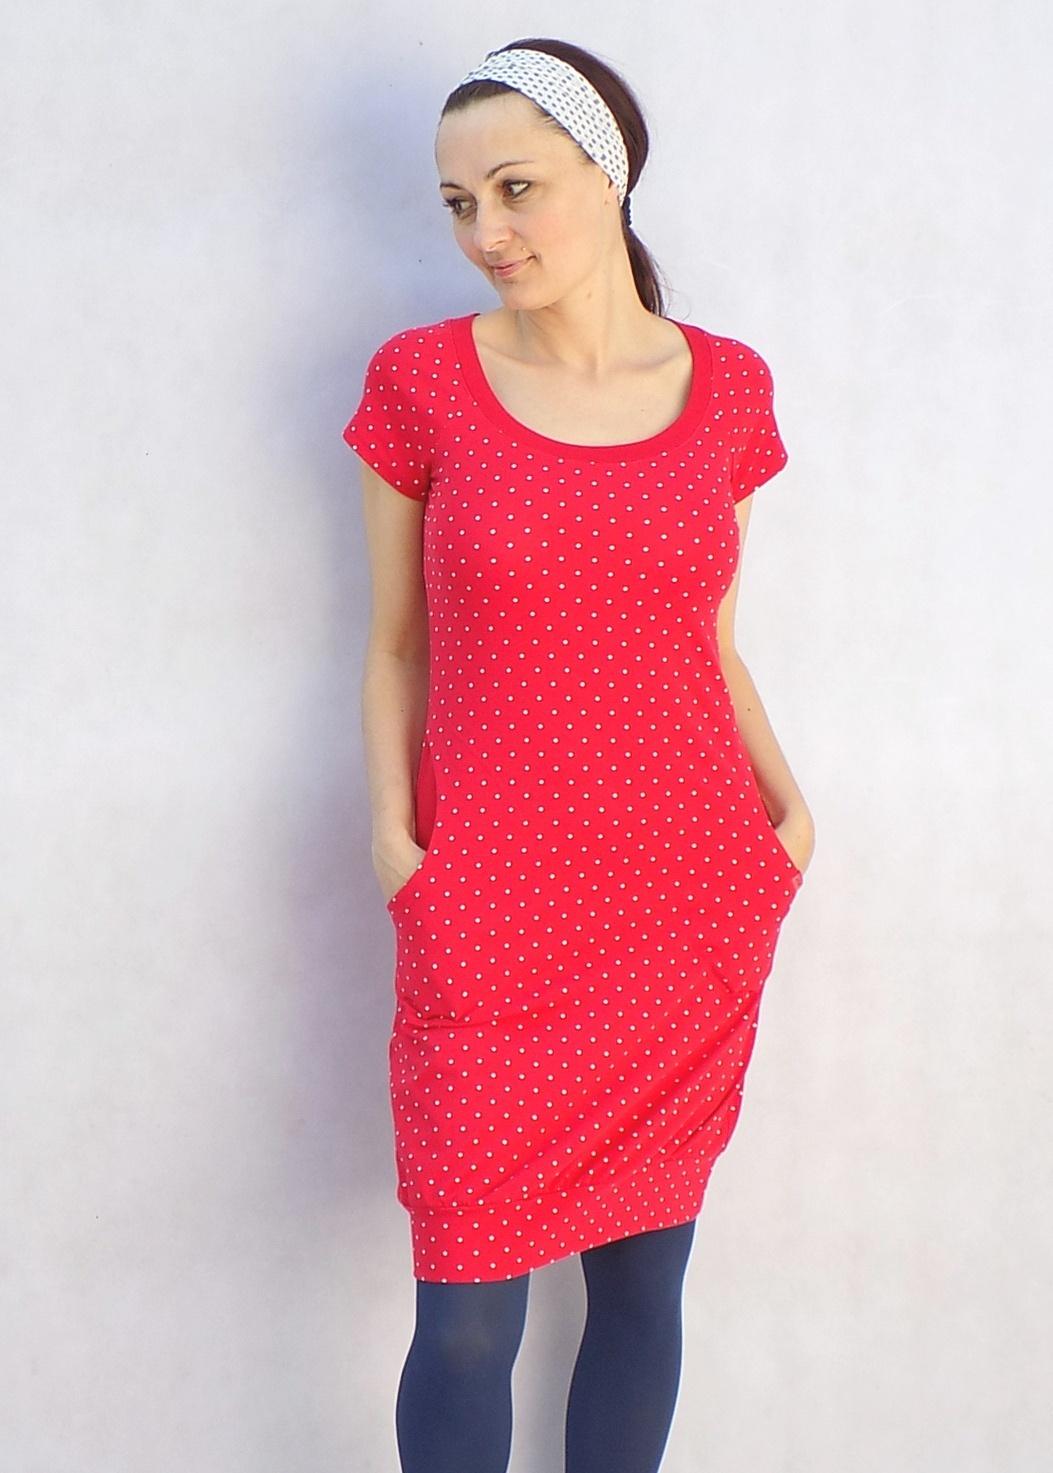 Červené puntíkaté šaty...vel.S M   Zboží prodejce LaPanika  8d57a767934